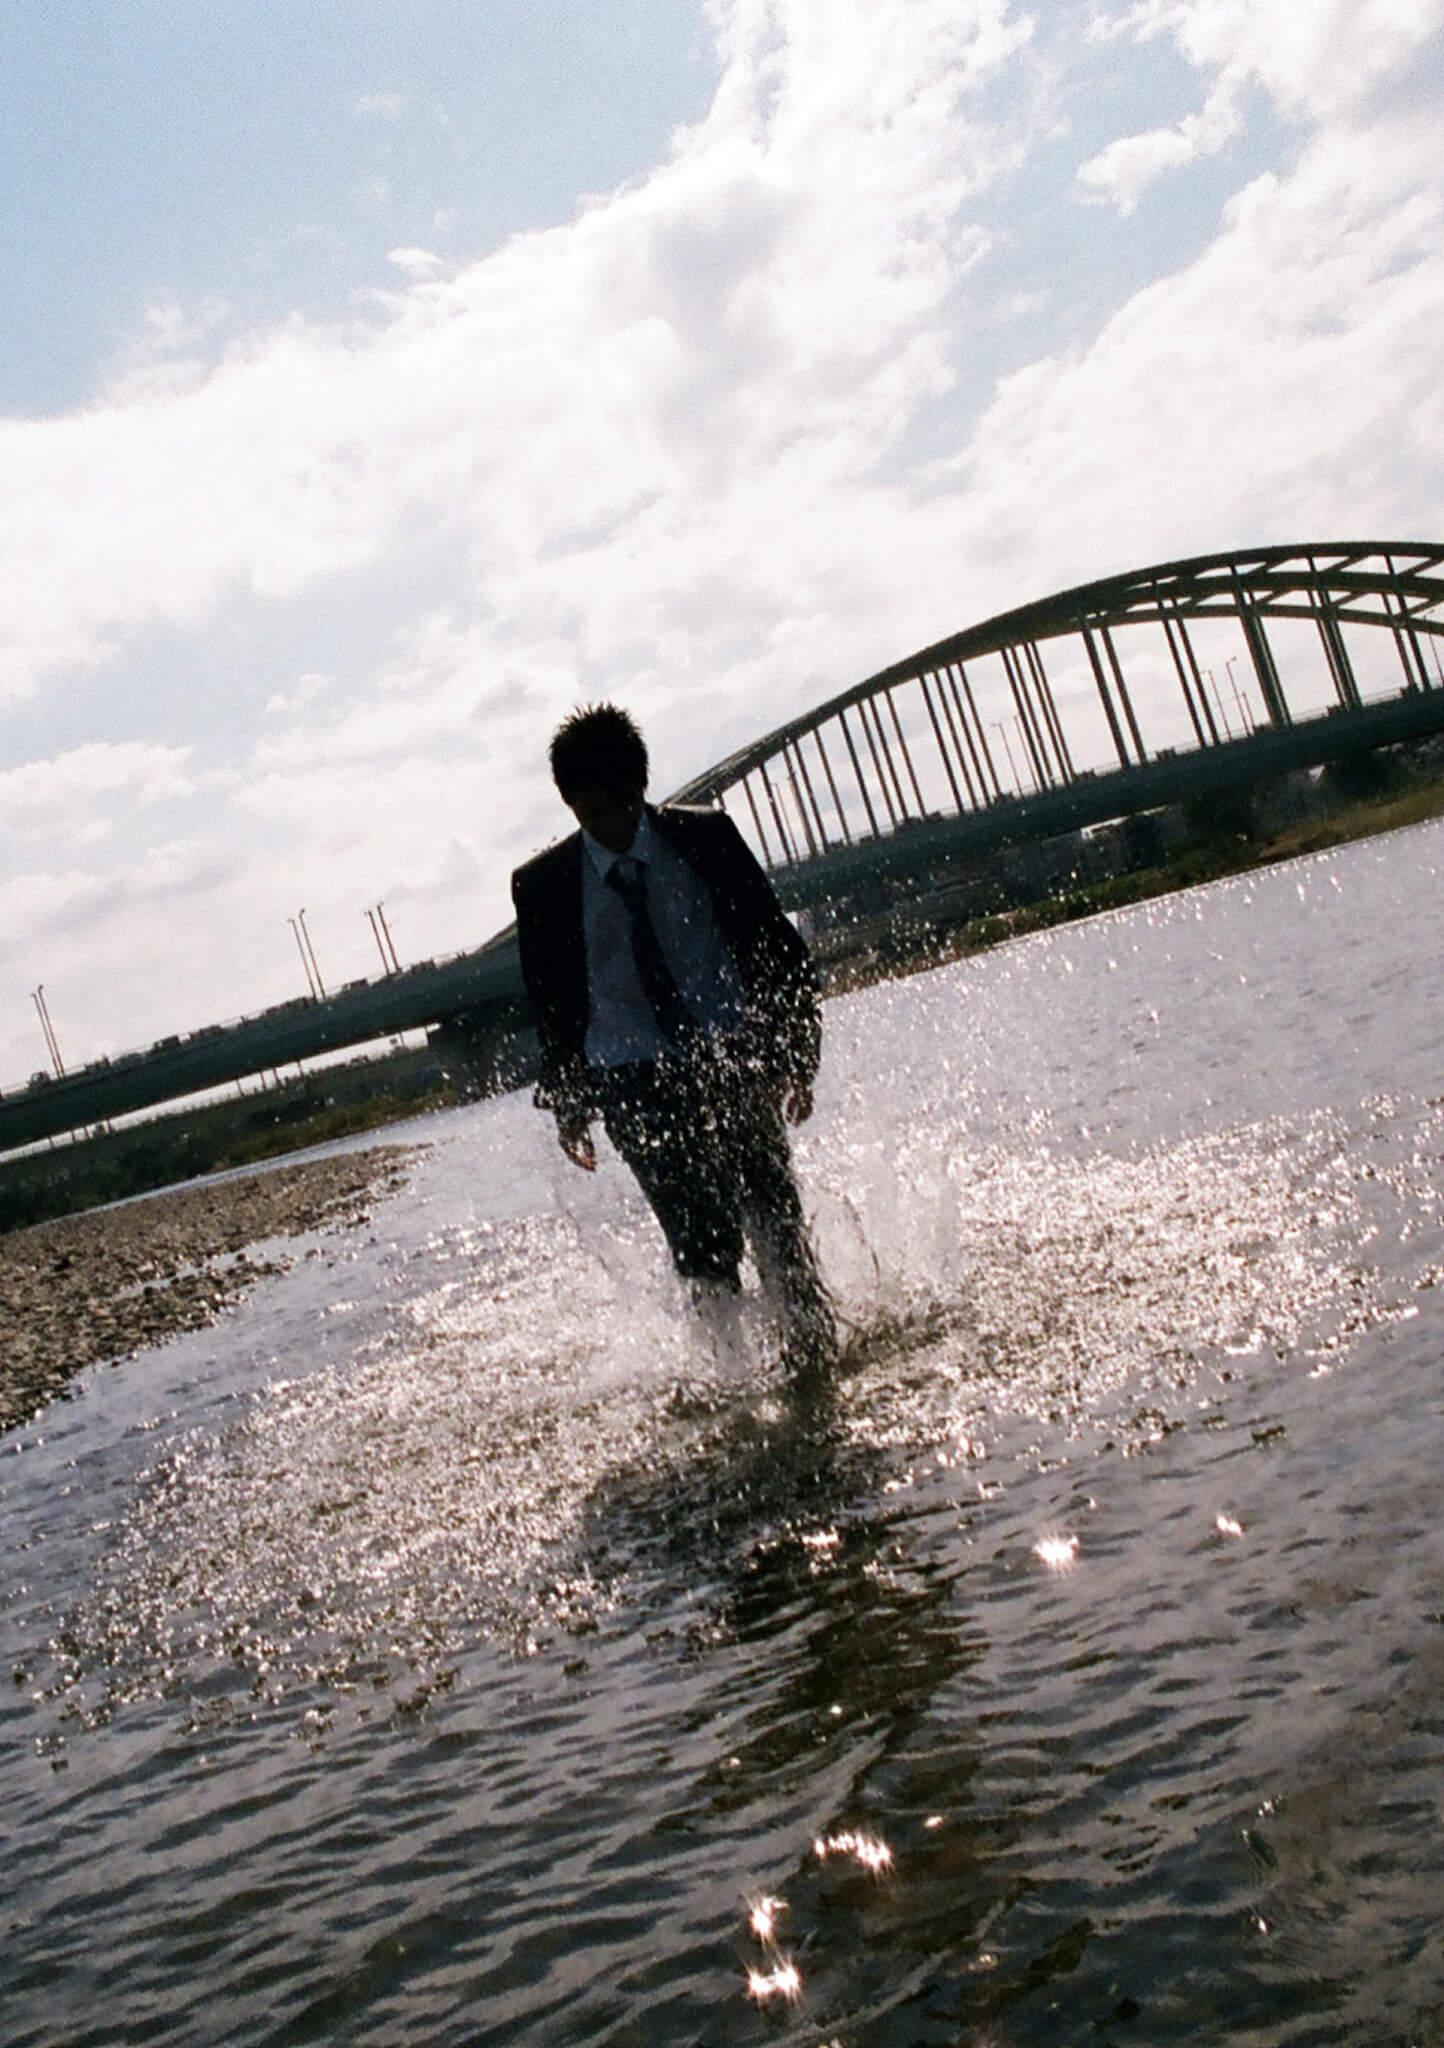 どうも東京の人にはなれなかったらしい|「24歳と4ヶ月の朝は乾いてた」 rarara-24-4-5